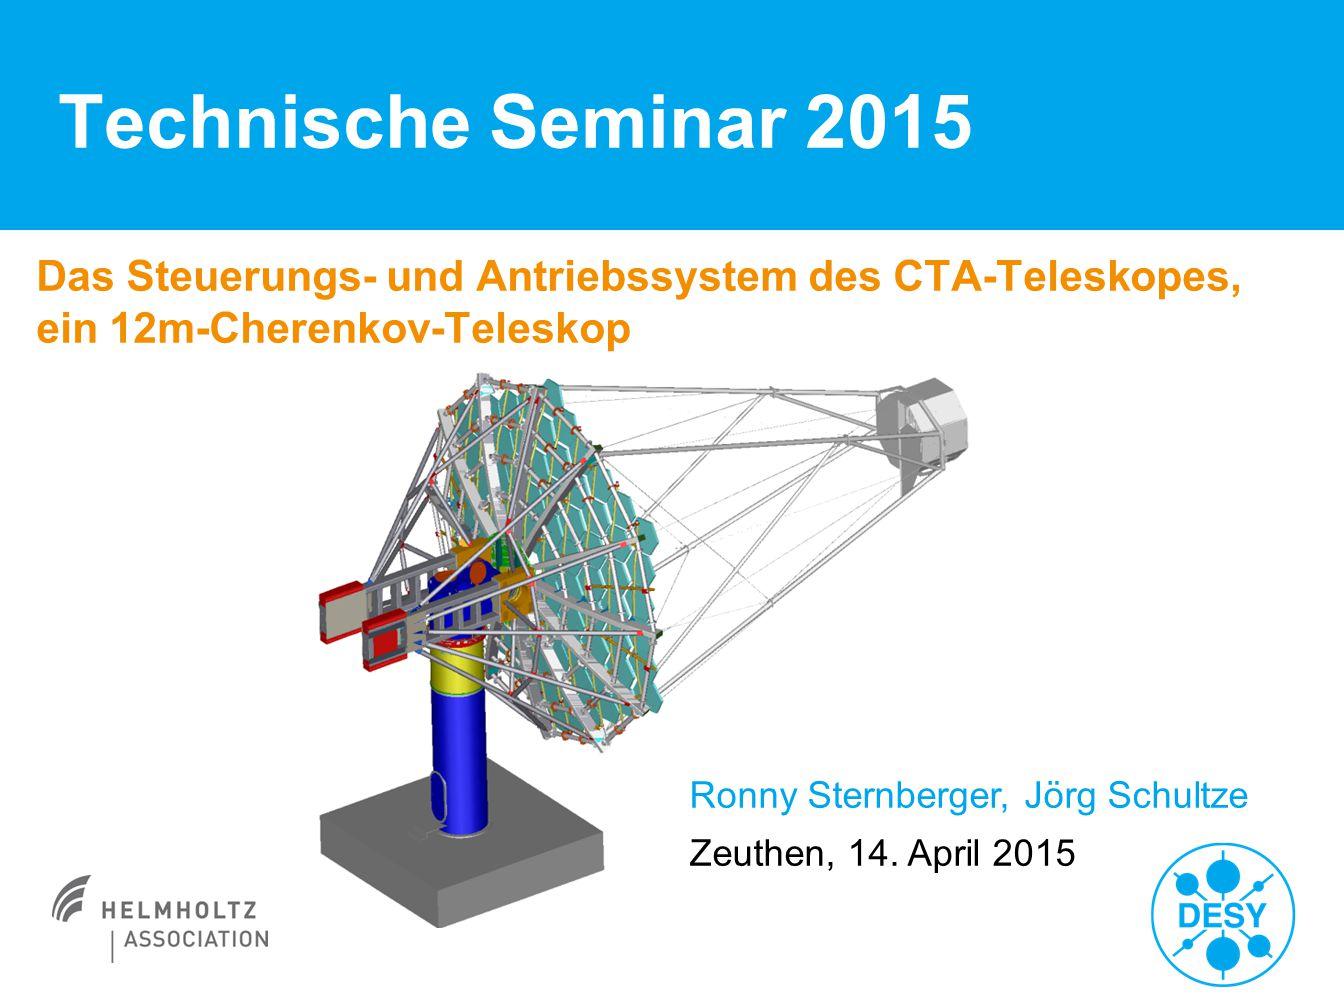 Technische Seminar 2015 Das Steuerungs- und Antriebssystem des CTA-Teleskopes, ein 12m-Cherenkov-Teleskop Ronny Sternberger, Jörg Schultze Zeuthen, 14.